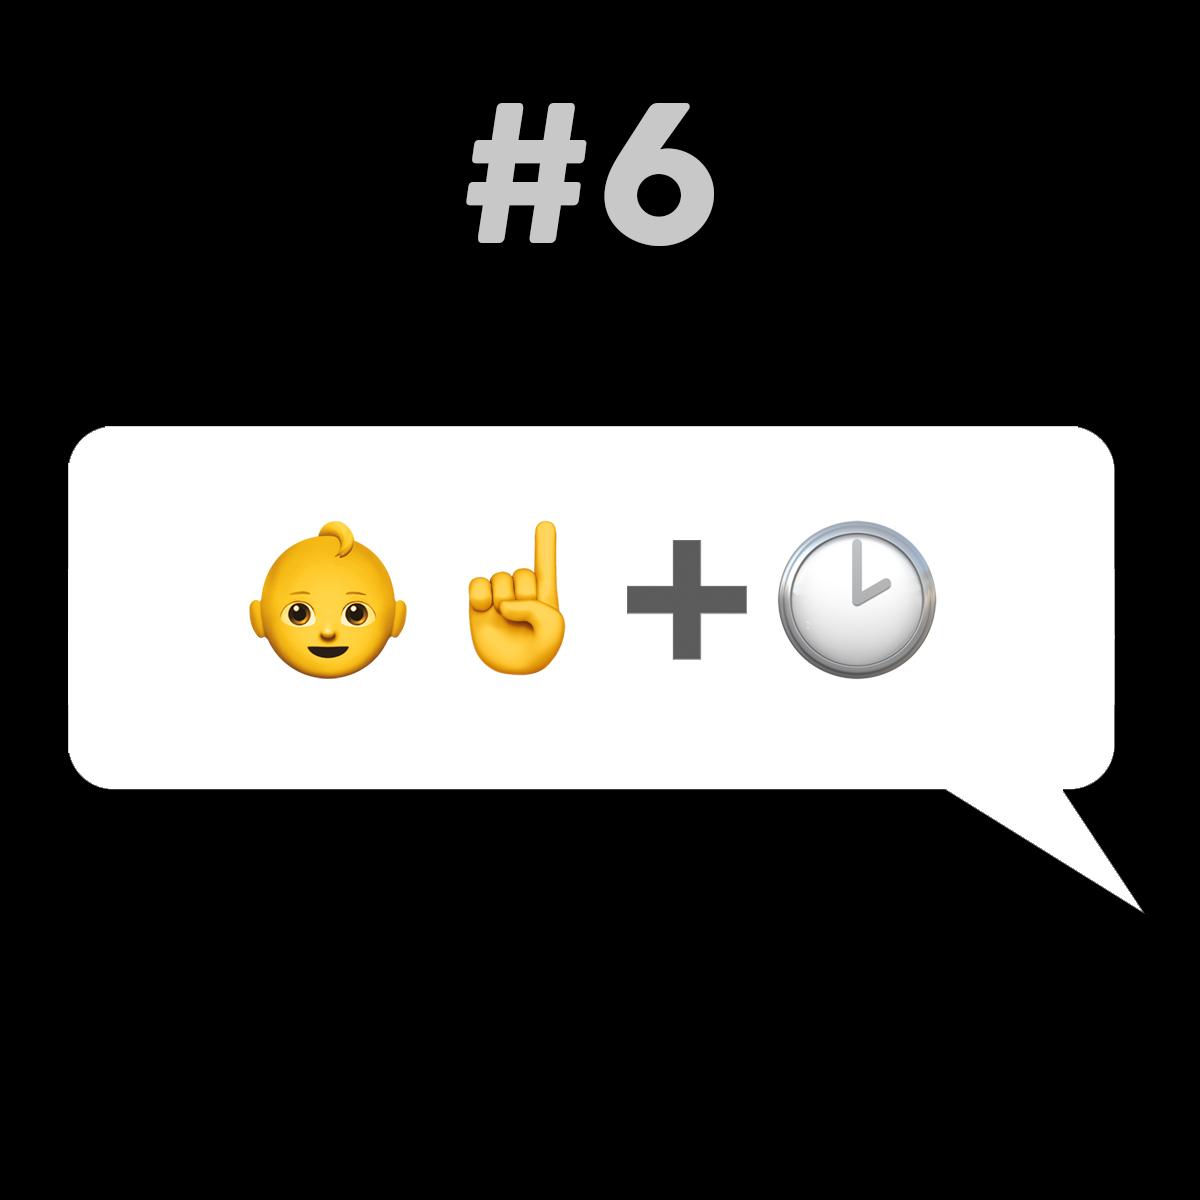 Songtitel in Emojis dargestellt emojibands_06